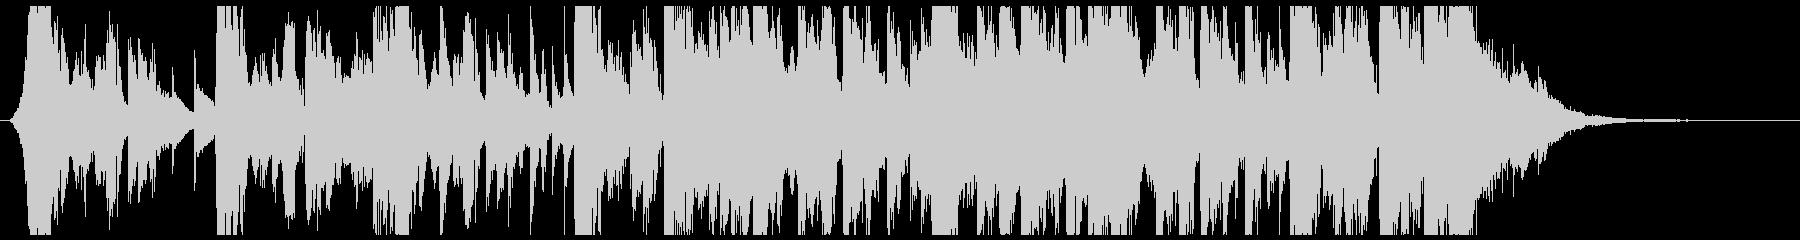 ジングルに適したフューチャー系サウンドの未再生の波形